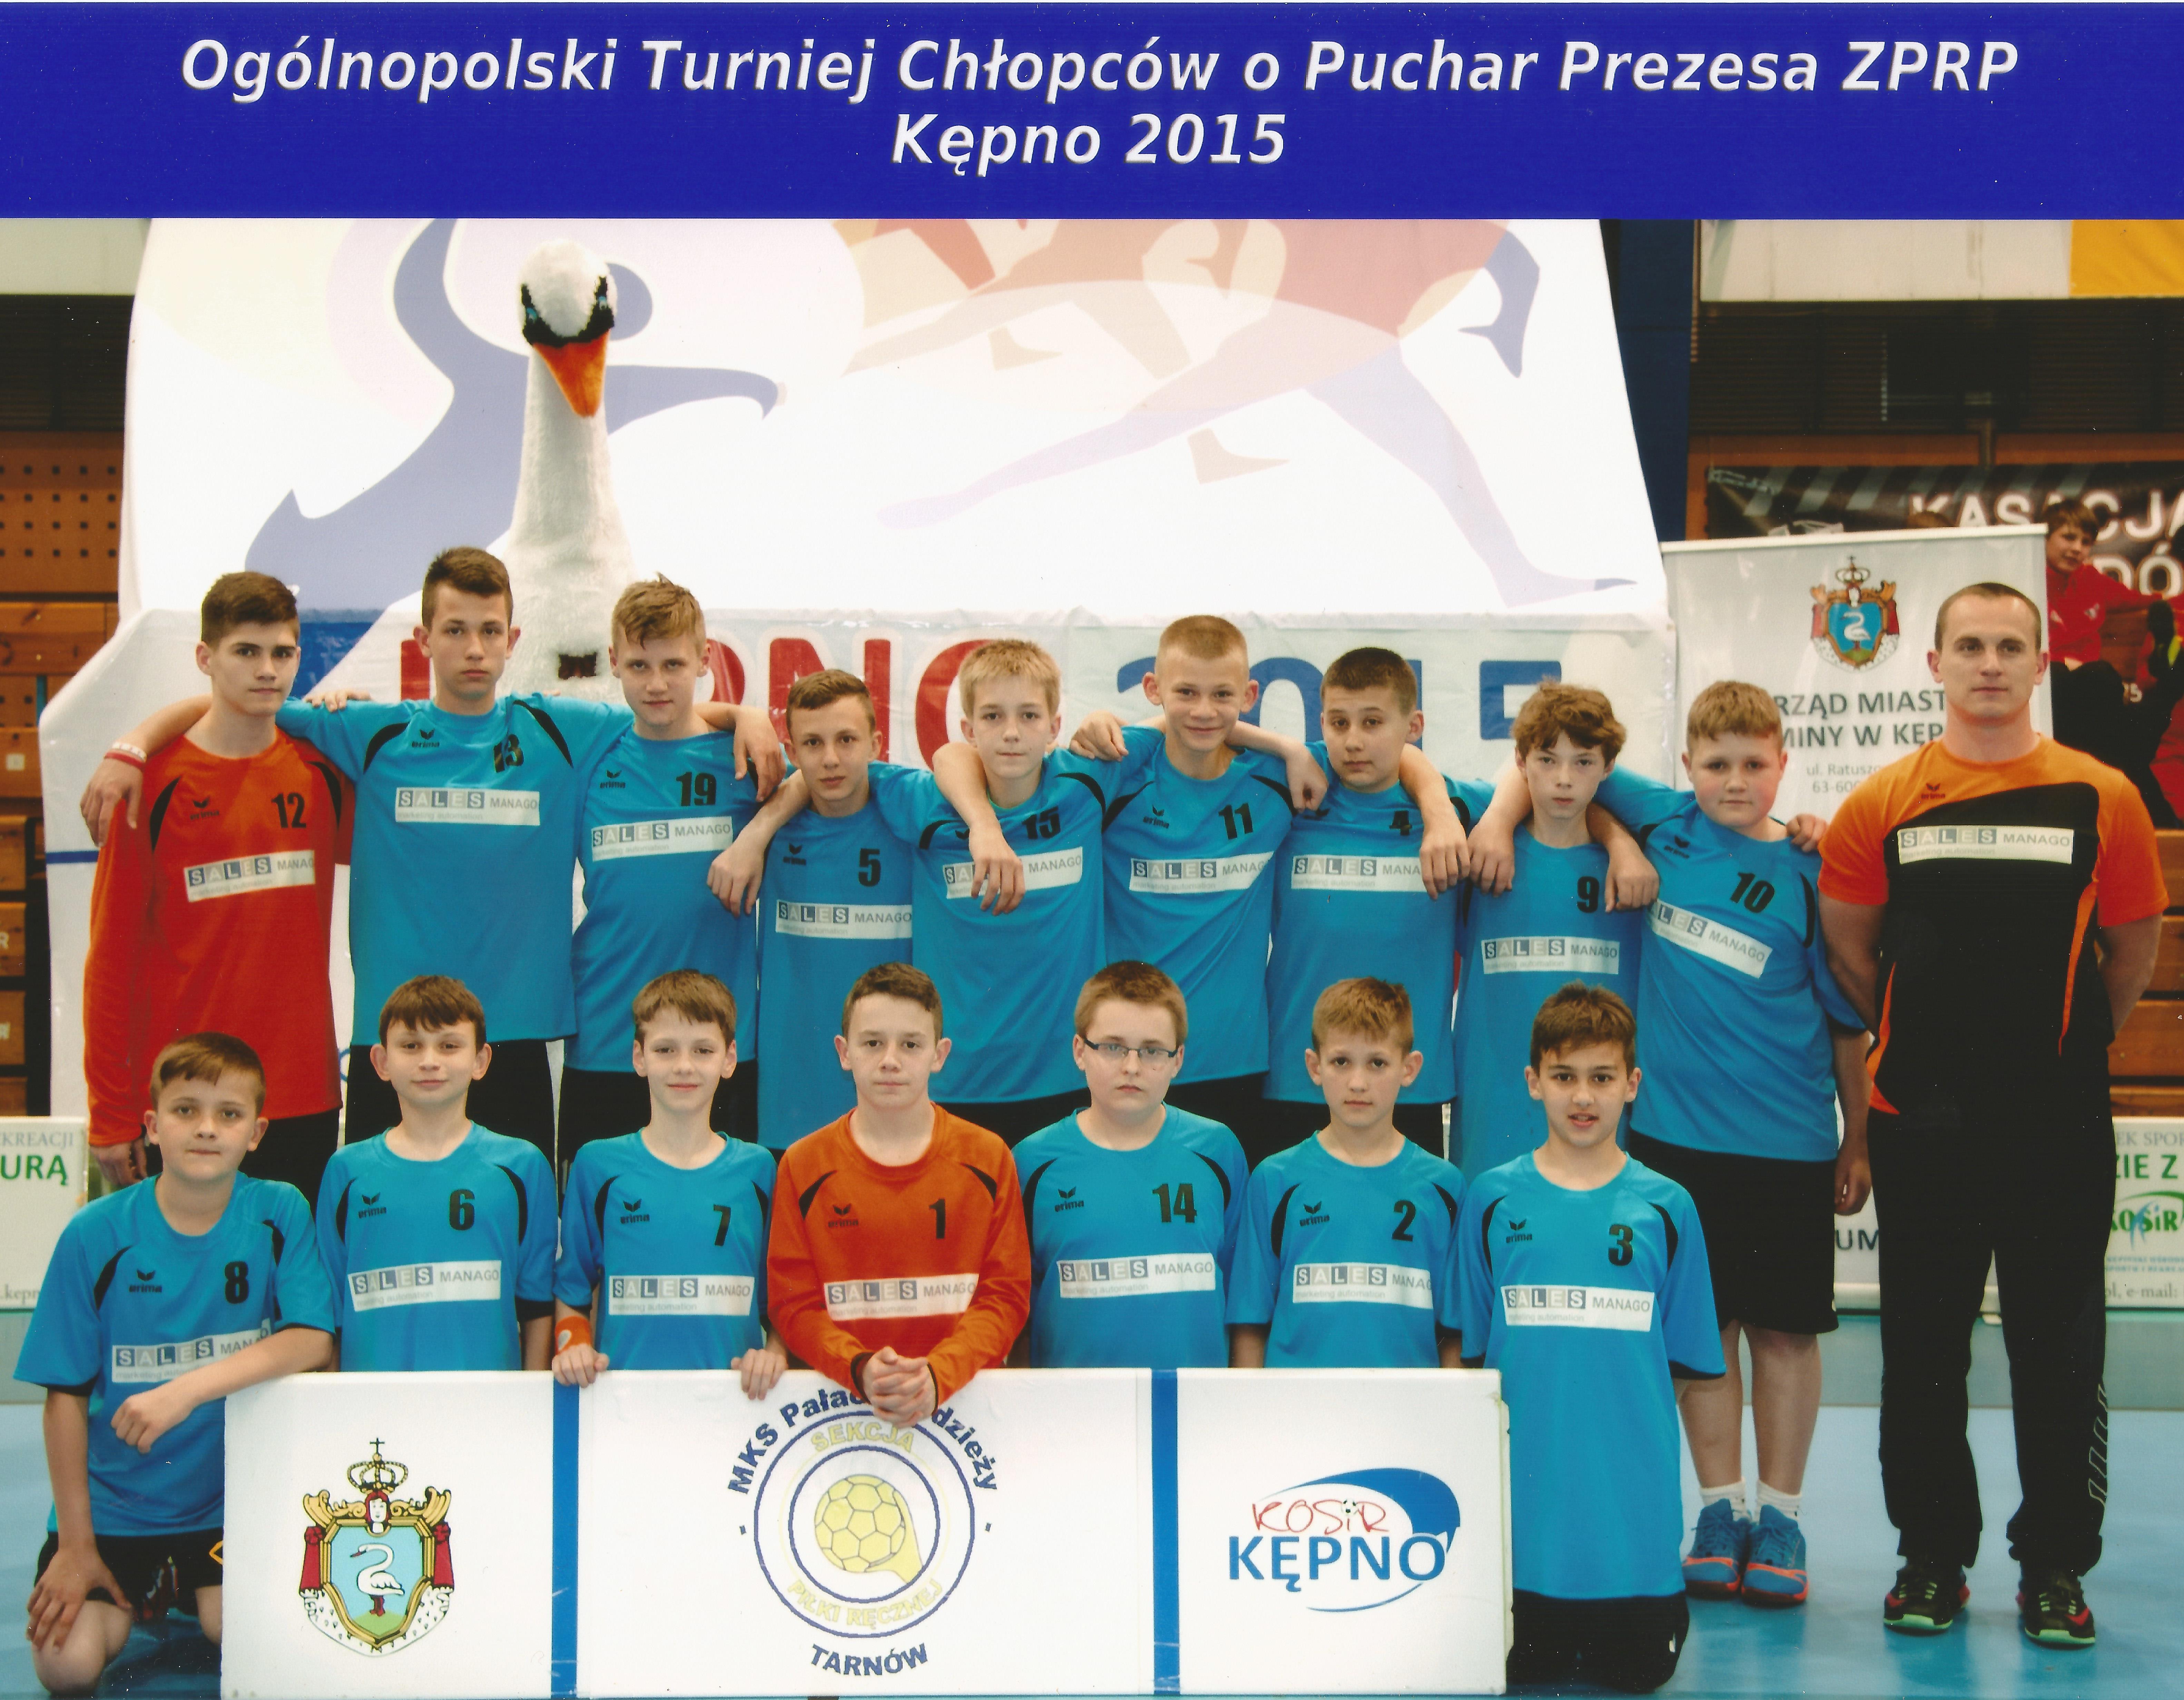 Sekcja młodzieżowych piłkarzy ręcznych SPR w Tarnowie - V miejsce